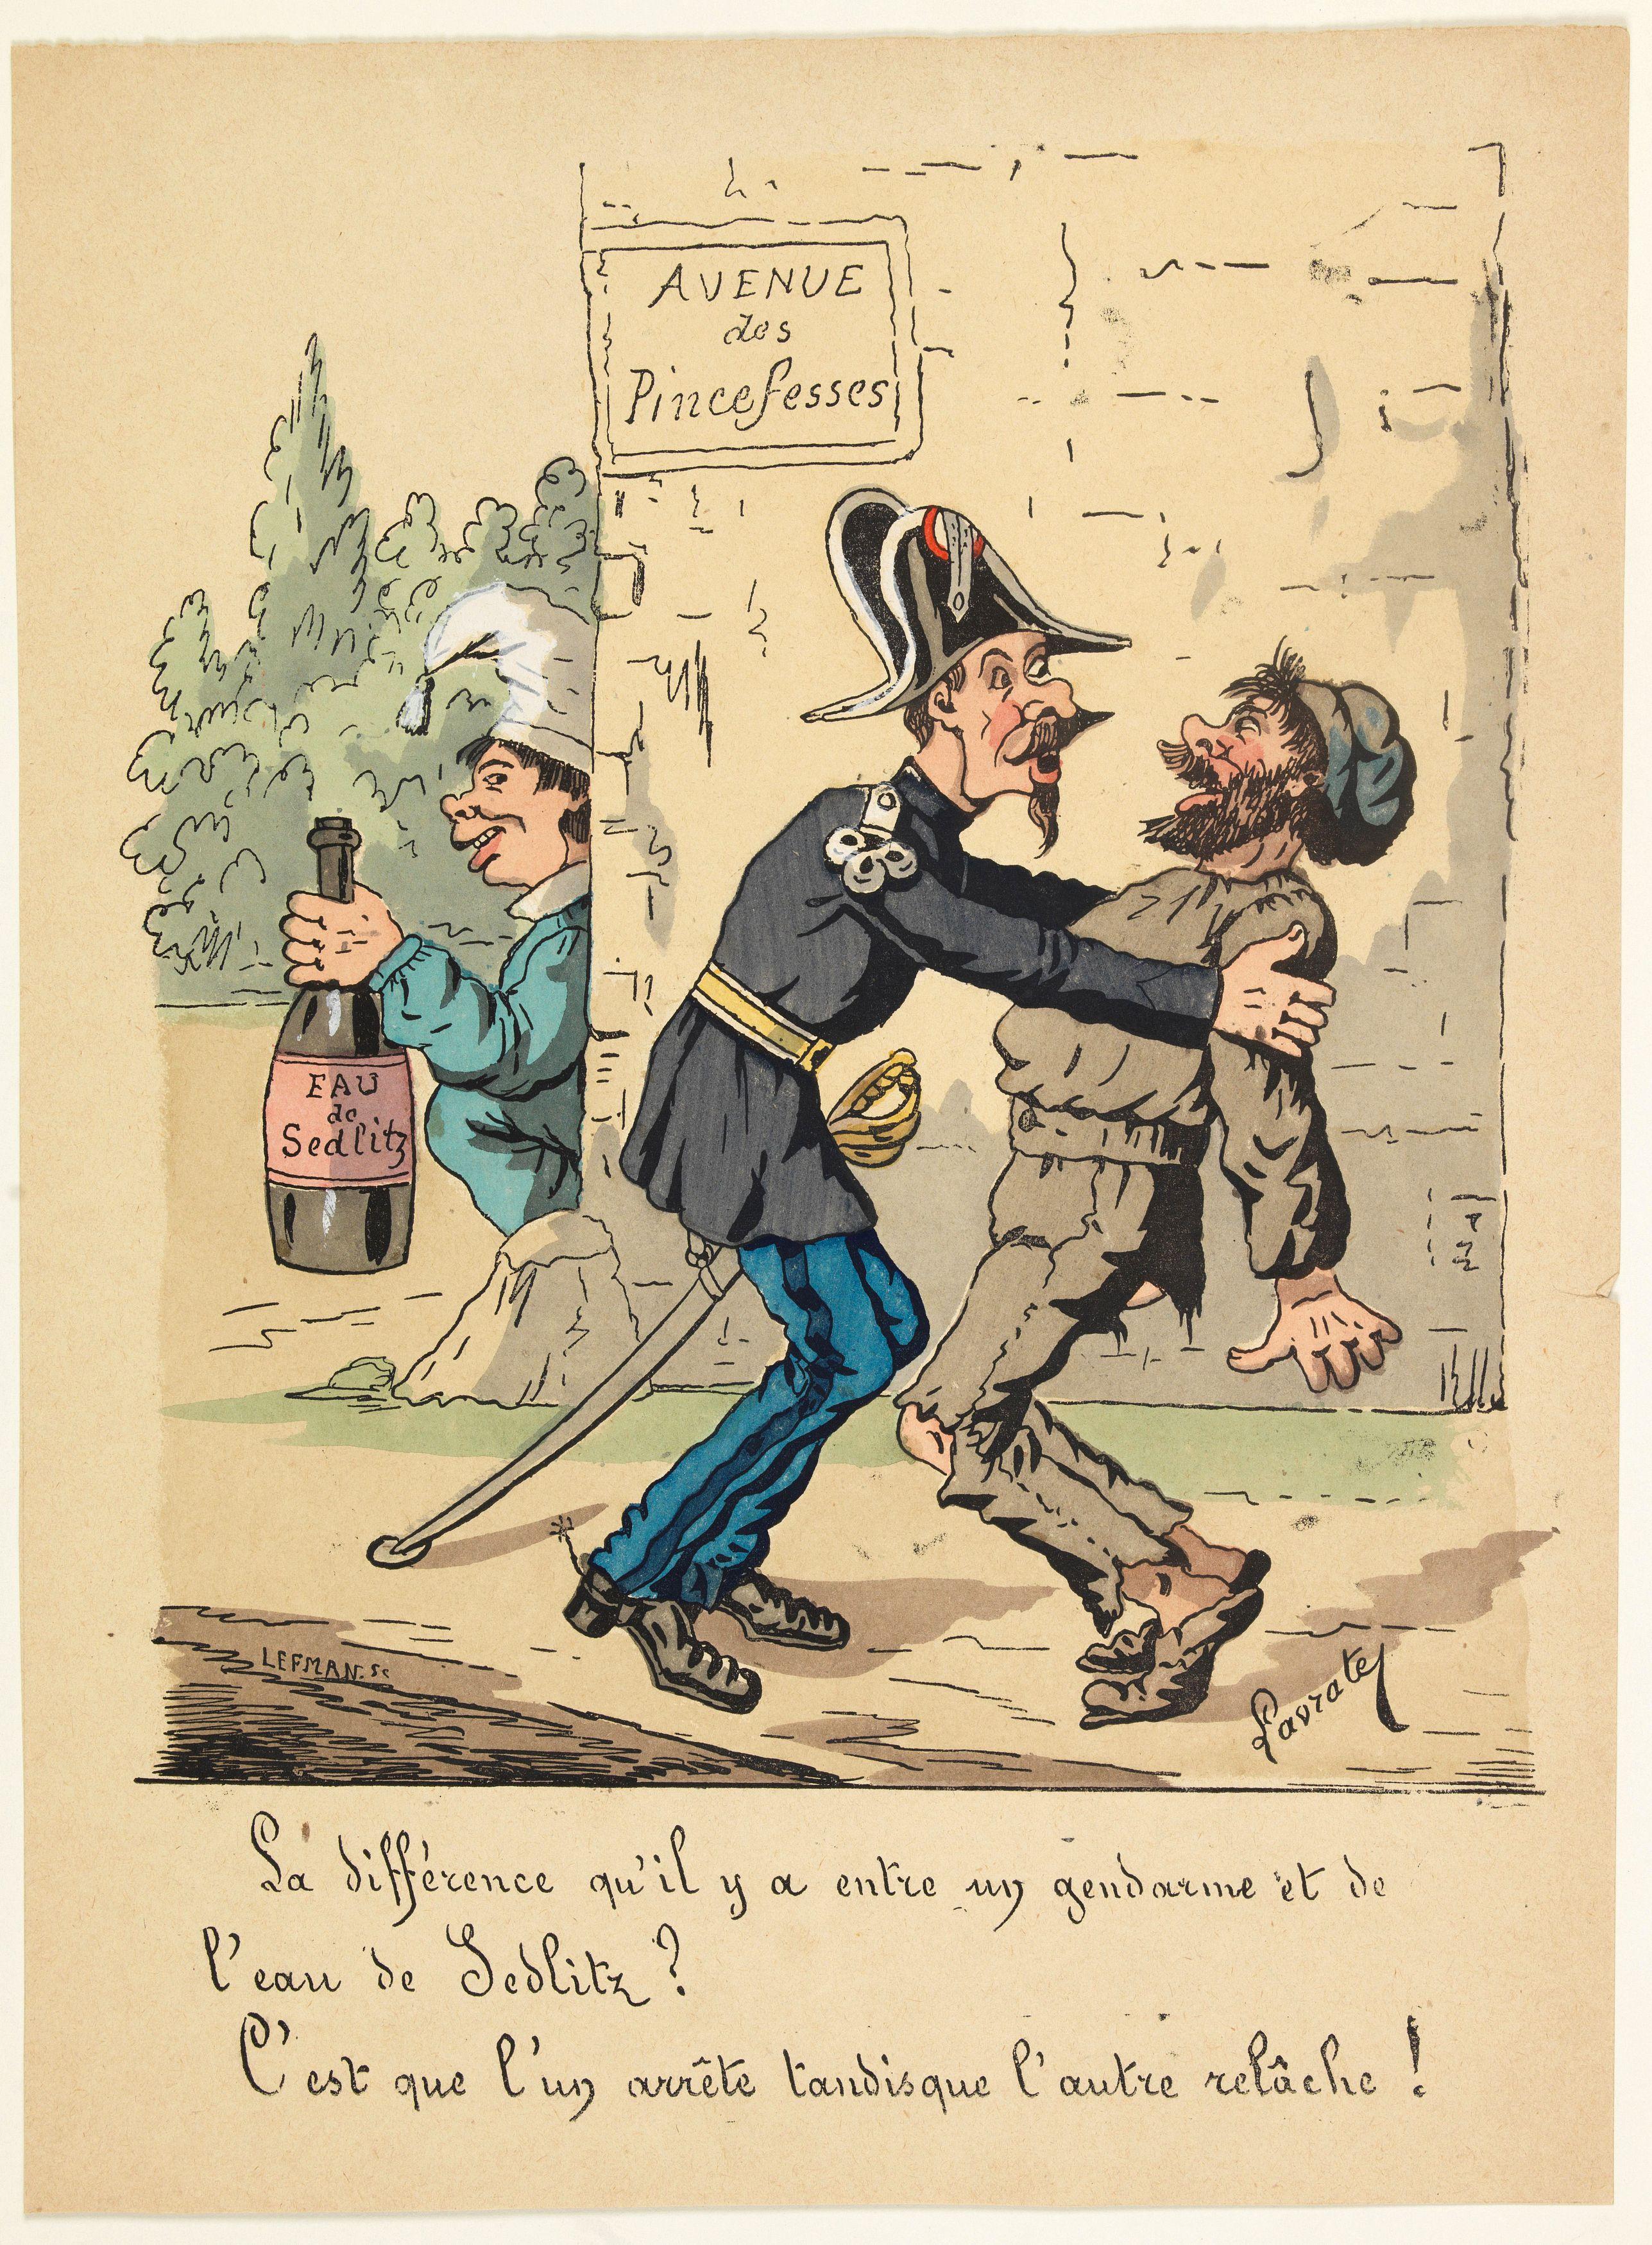 LAVRATE, Edmond. -  [Satirical Cartoon] La difference qu'il y a entre un gendarme et de l'eau de Sedlitz?. . .